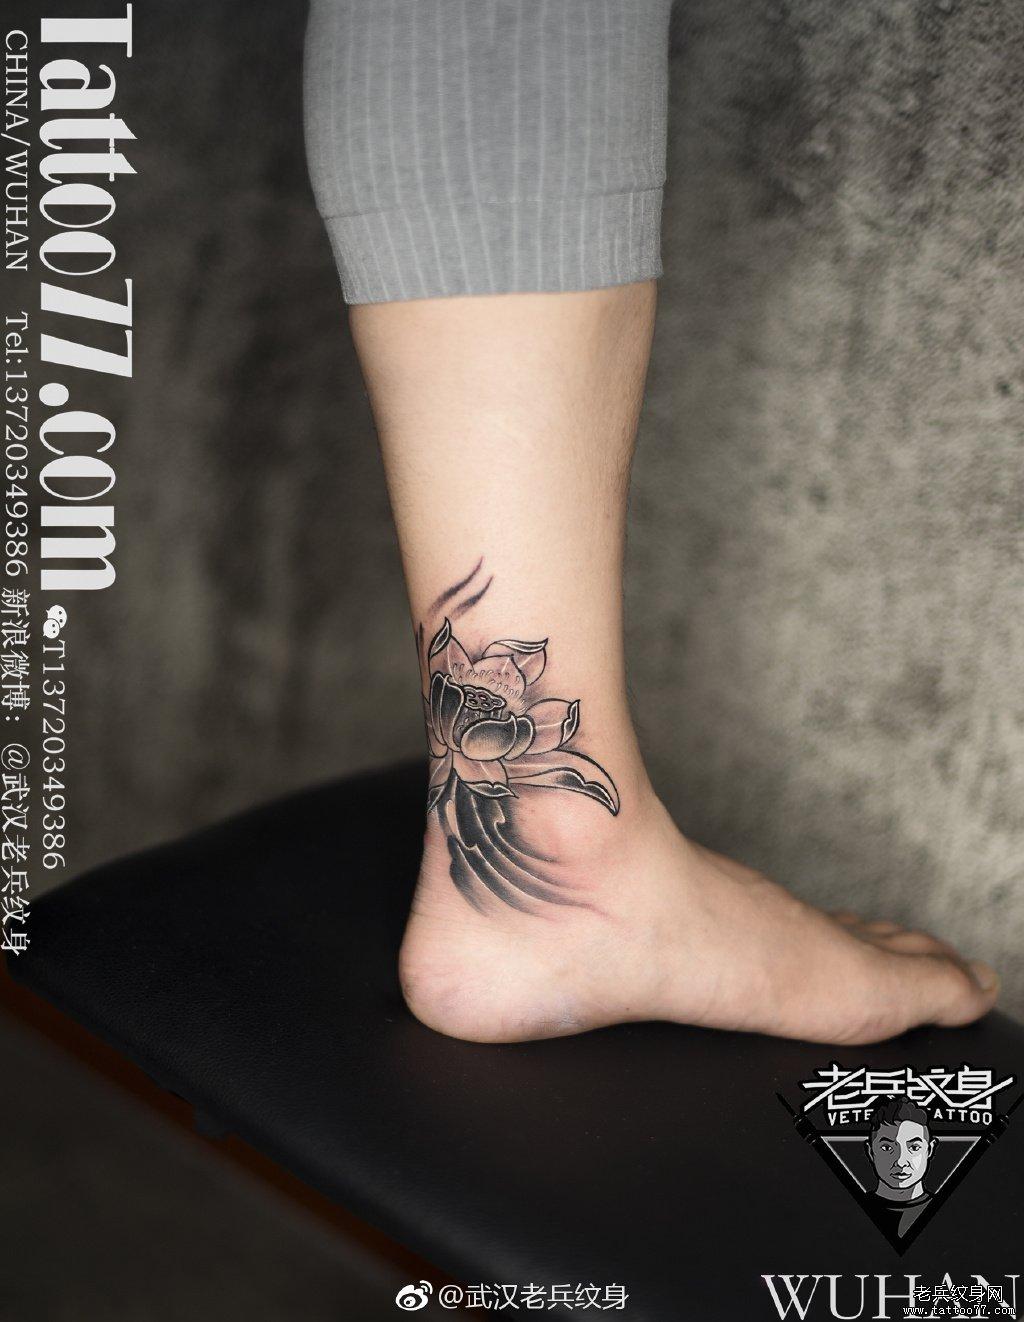 脚踝莲花纹身图案